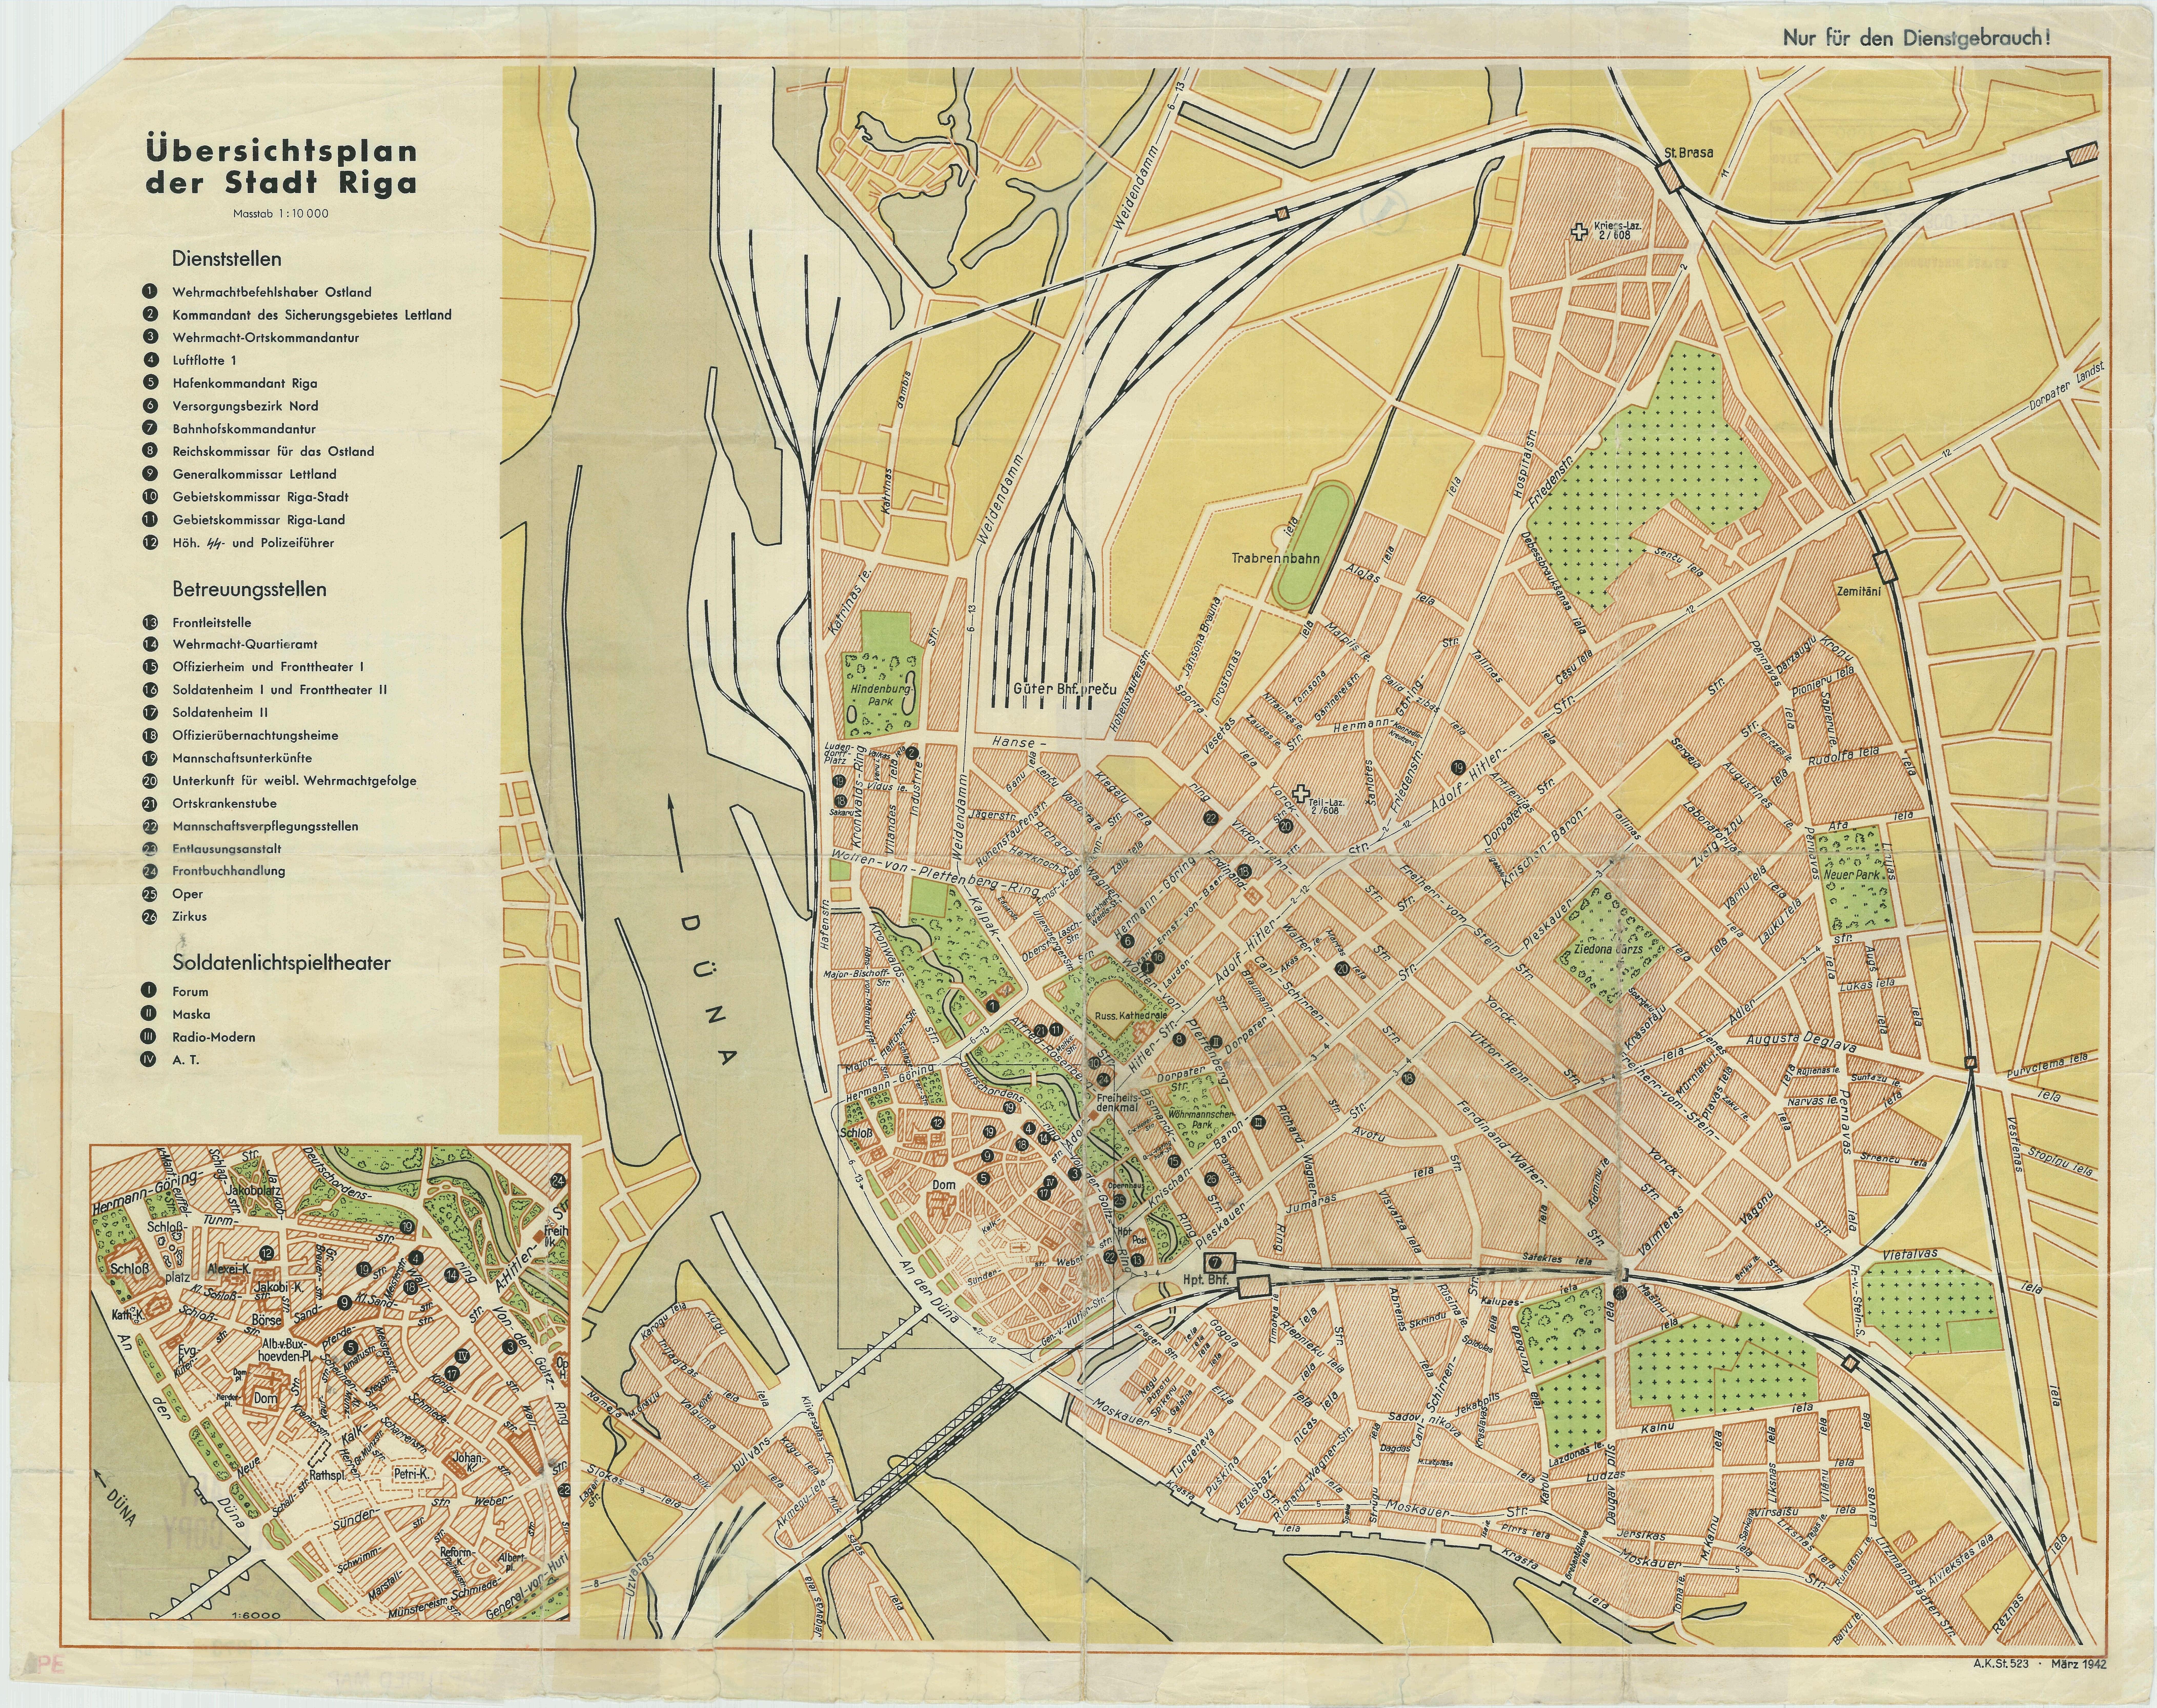 Ubersichtsplan der Stadt Riga